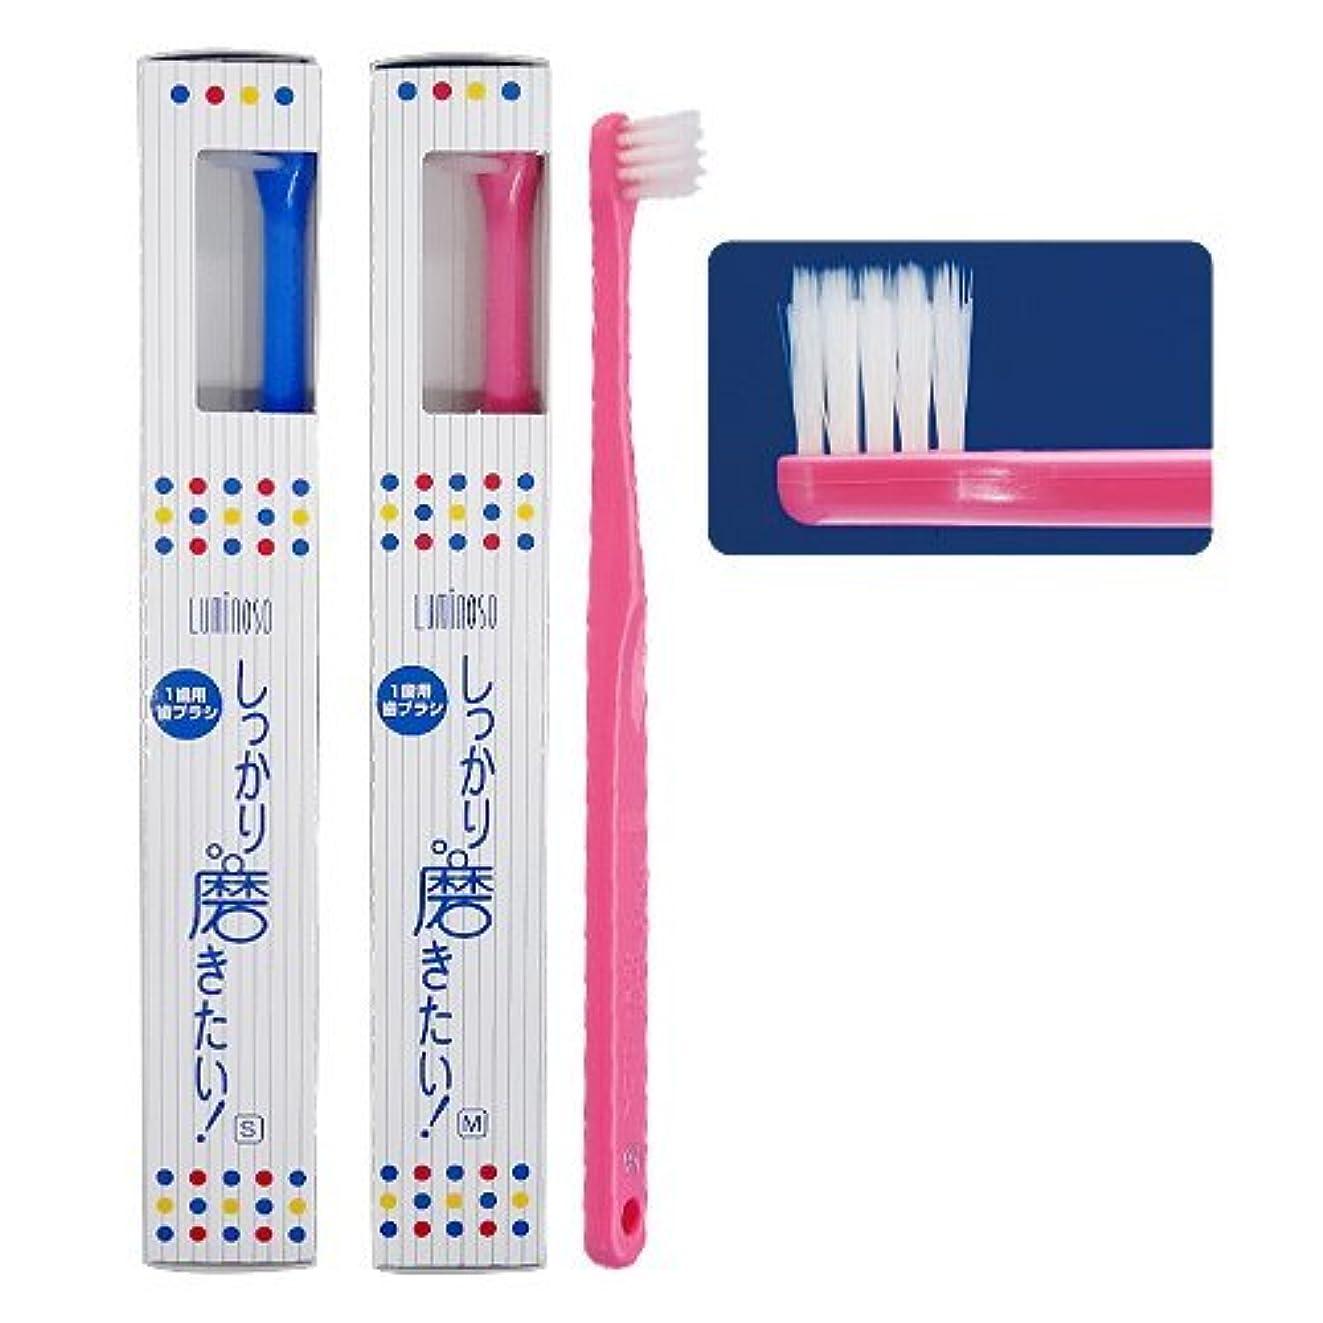 路地クローン出血ルミノソ 1歯用歯ブラシ「しっかり磨きたい!」スタンダード ソフト (カラー指定不可) 10本